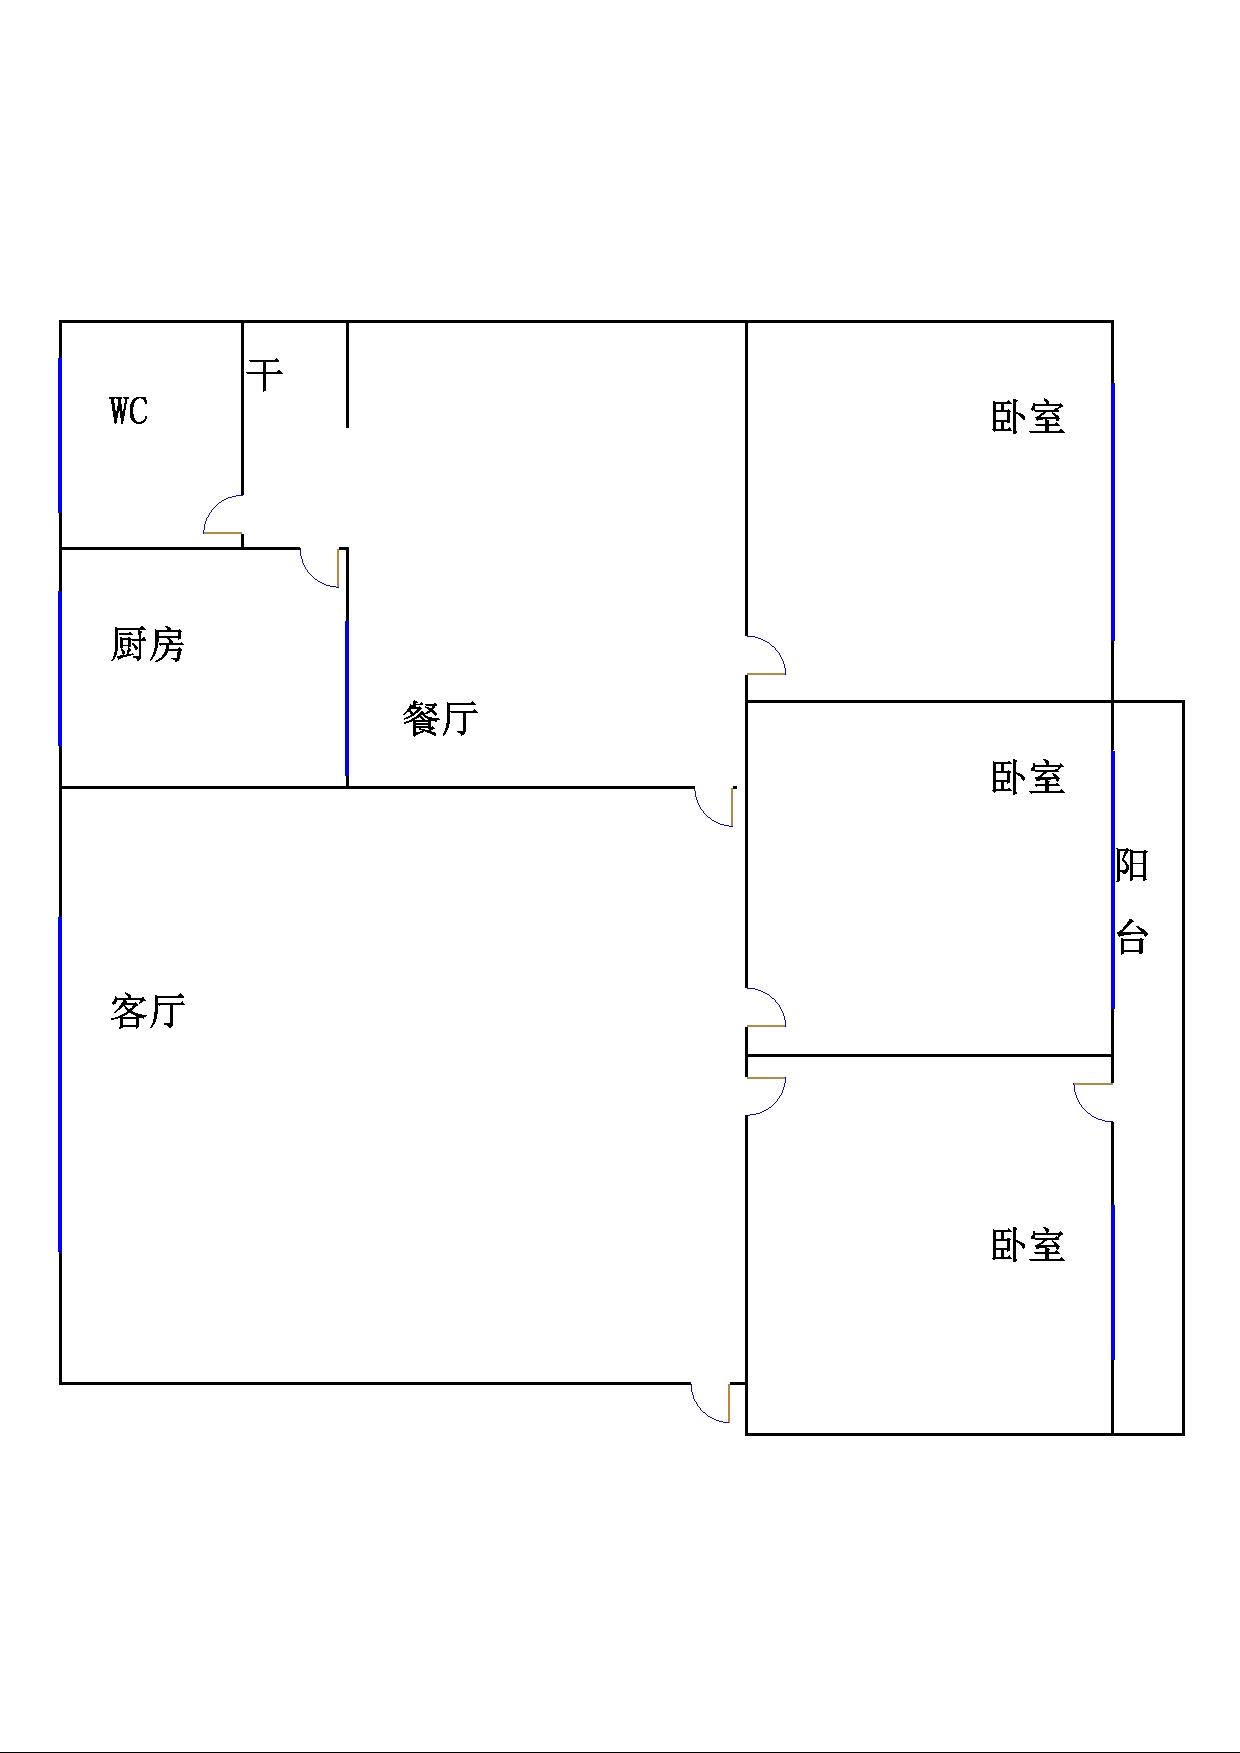 刨花板厂宿舍 3室2厅 过五年 简装 93万